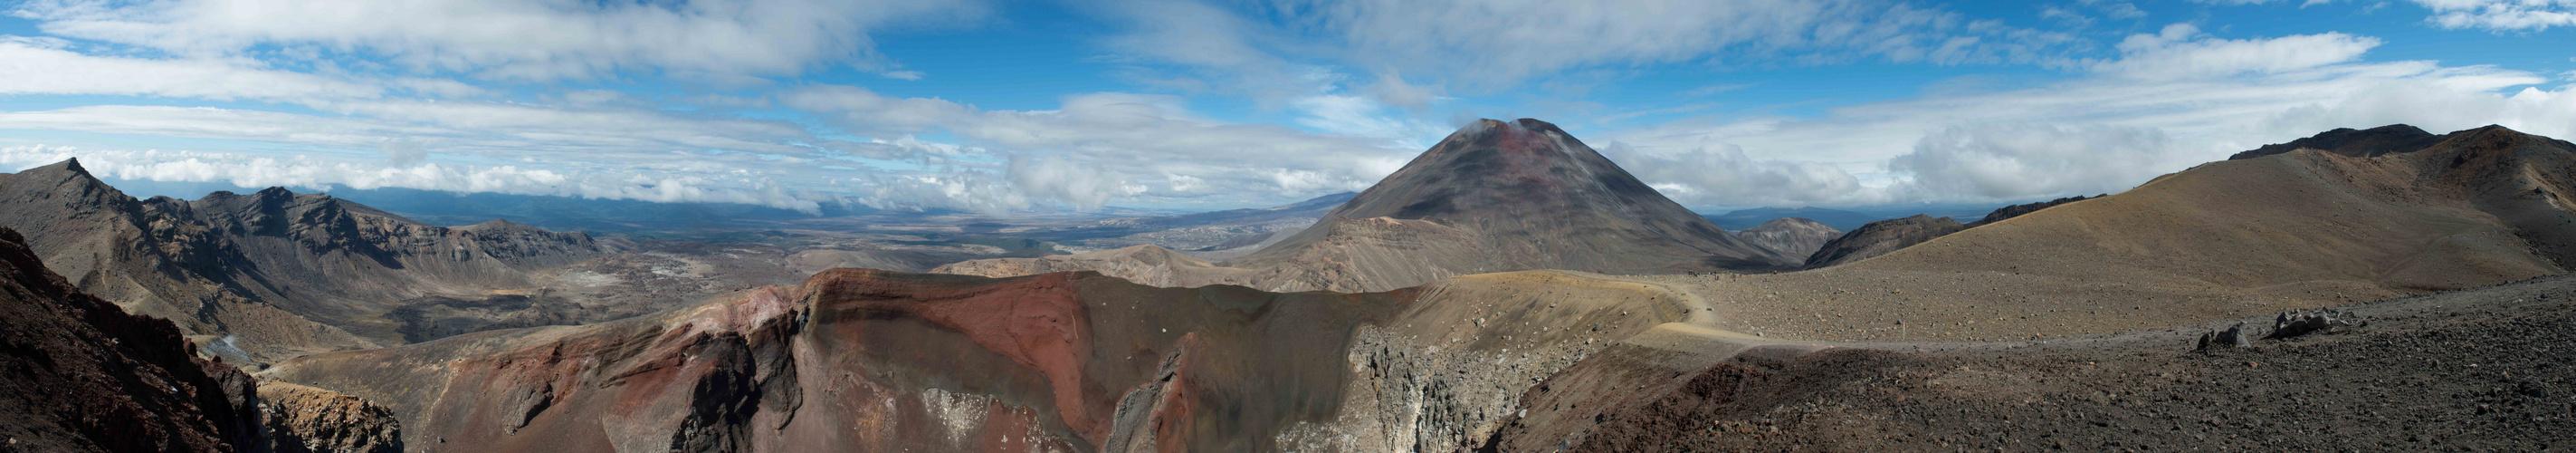 Mount Ngauruhoe (Mount Doom)